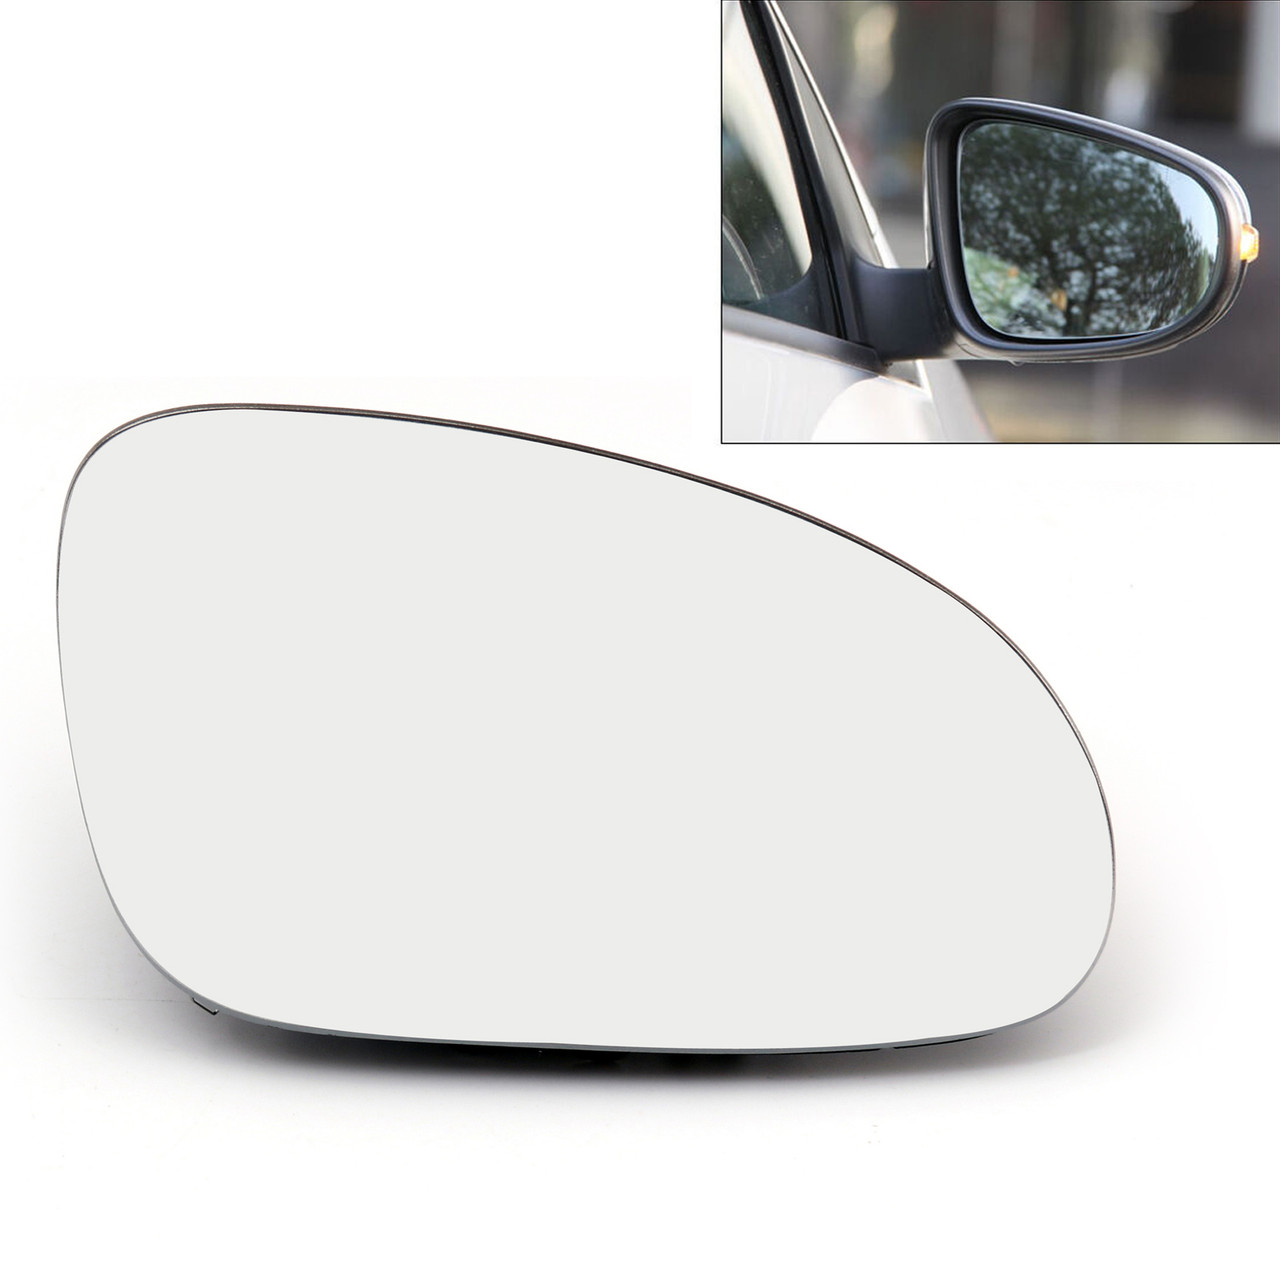 1x Passenger Side Mirror Cover Housing Case Cap For 07-10 VW Jetta MK5 Passat B6